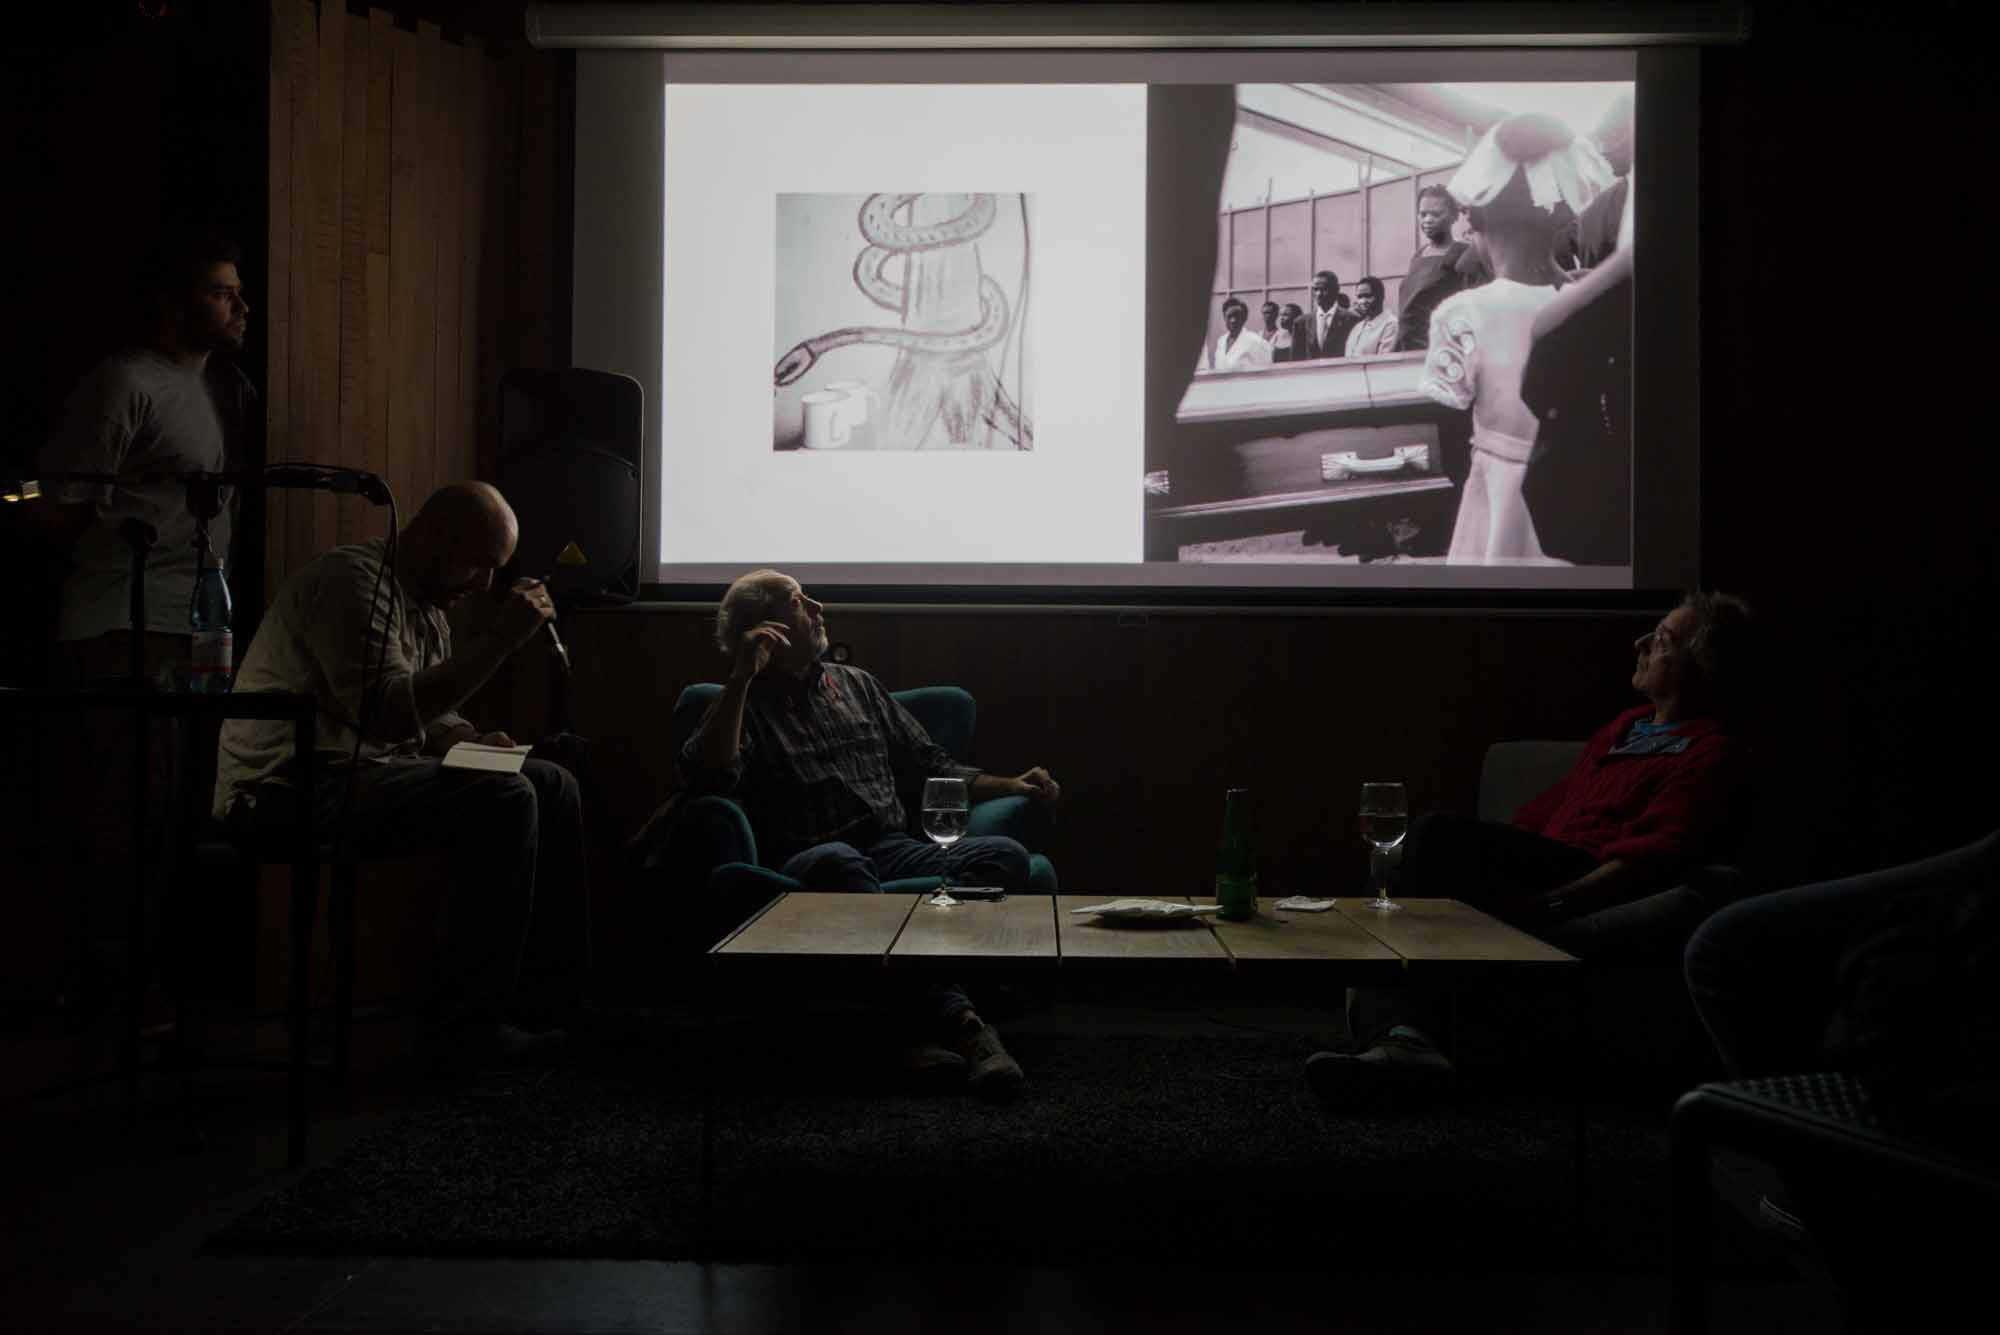 Dario Coletti, fotografo italiano participa en Díalogos Fotográficos en el Restaurant El Internado en el marco de la 7ª edición del Festival Internacional de Fotografía en Valparaíso, FIFV 2016. ©Ignacio Lamas